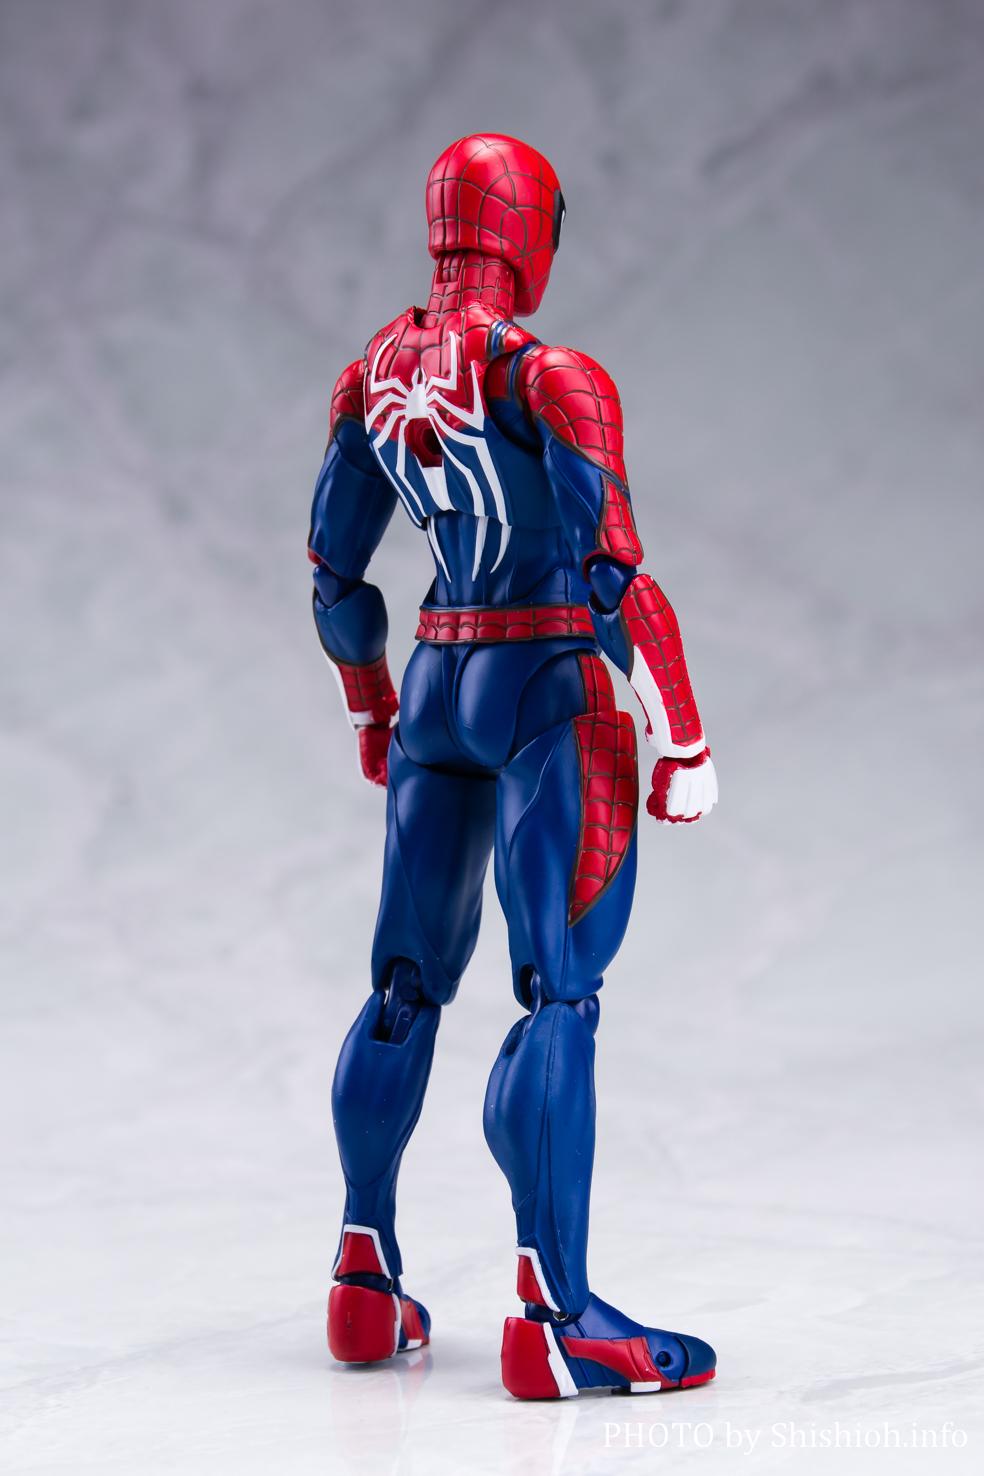 S.H.Figuarts スパイダーマン アドバンス・スーツ(Marvel's Spider-Man)